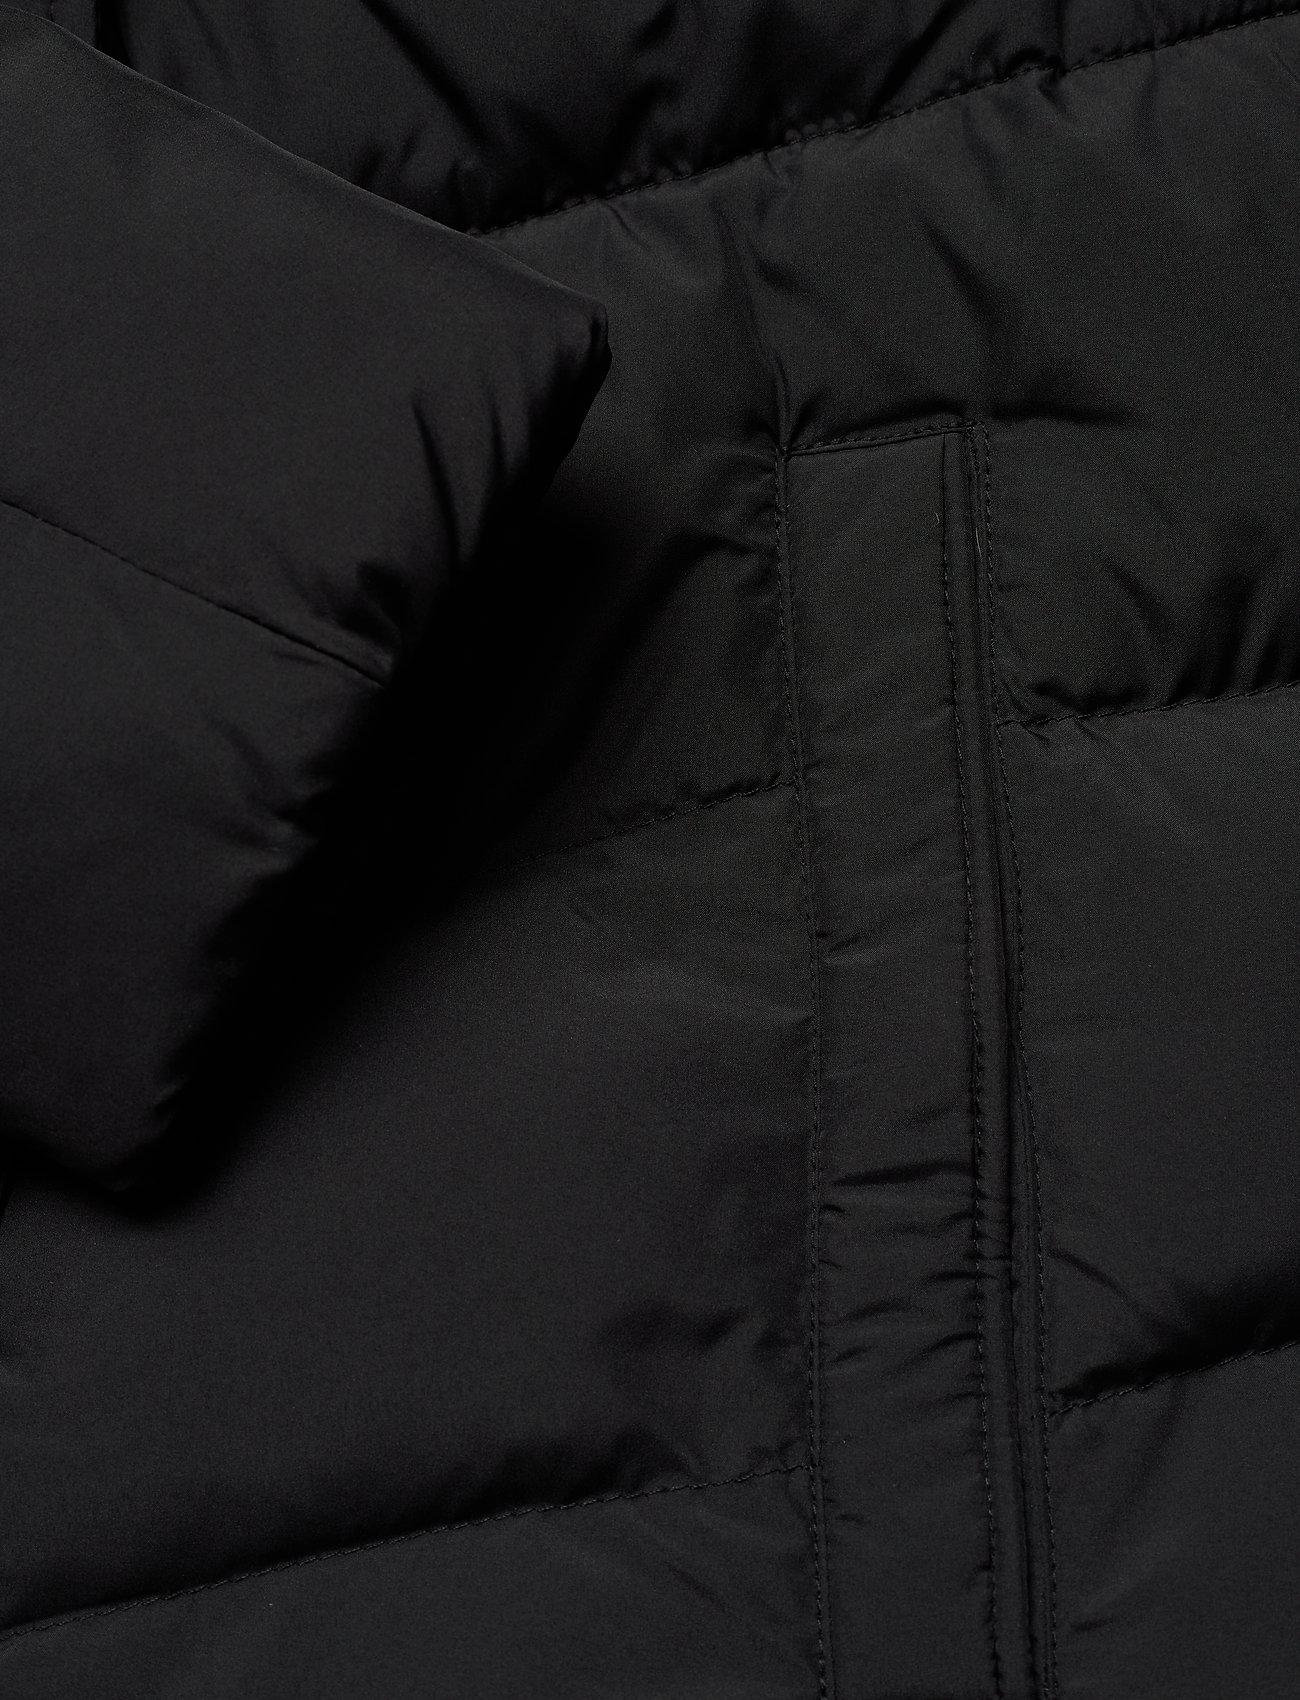 Slantered Quilted Fitted Jacket (Ck Black) (2000 kr) - Calvin Klein Jeans